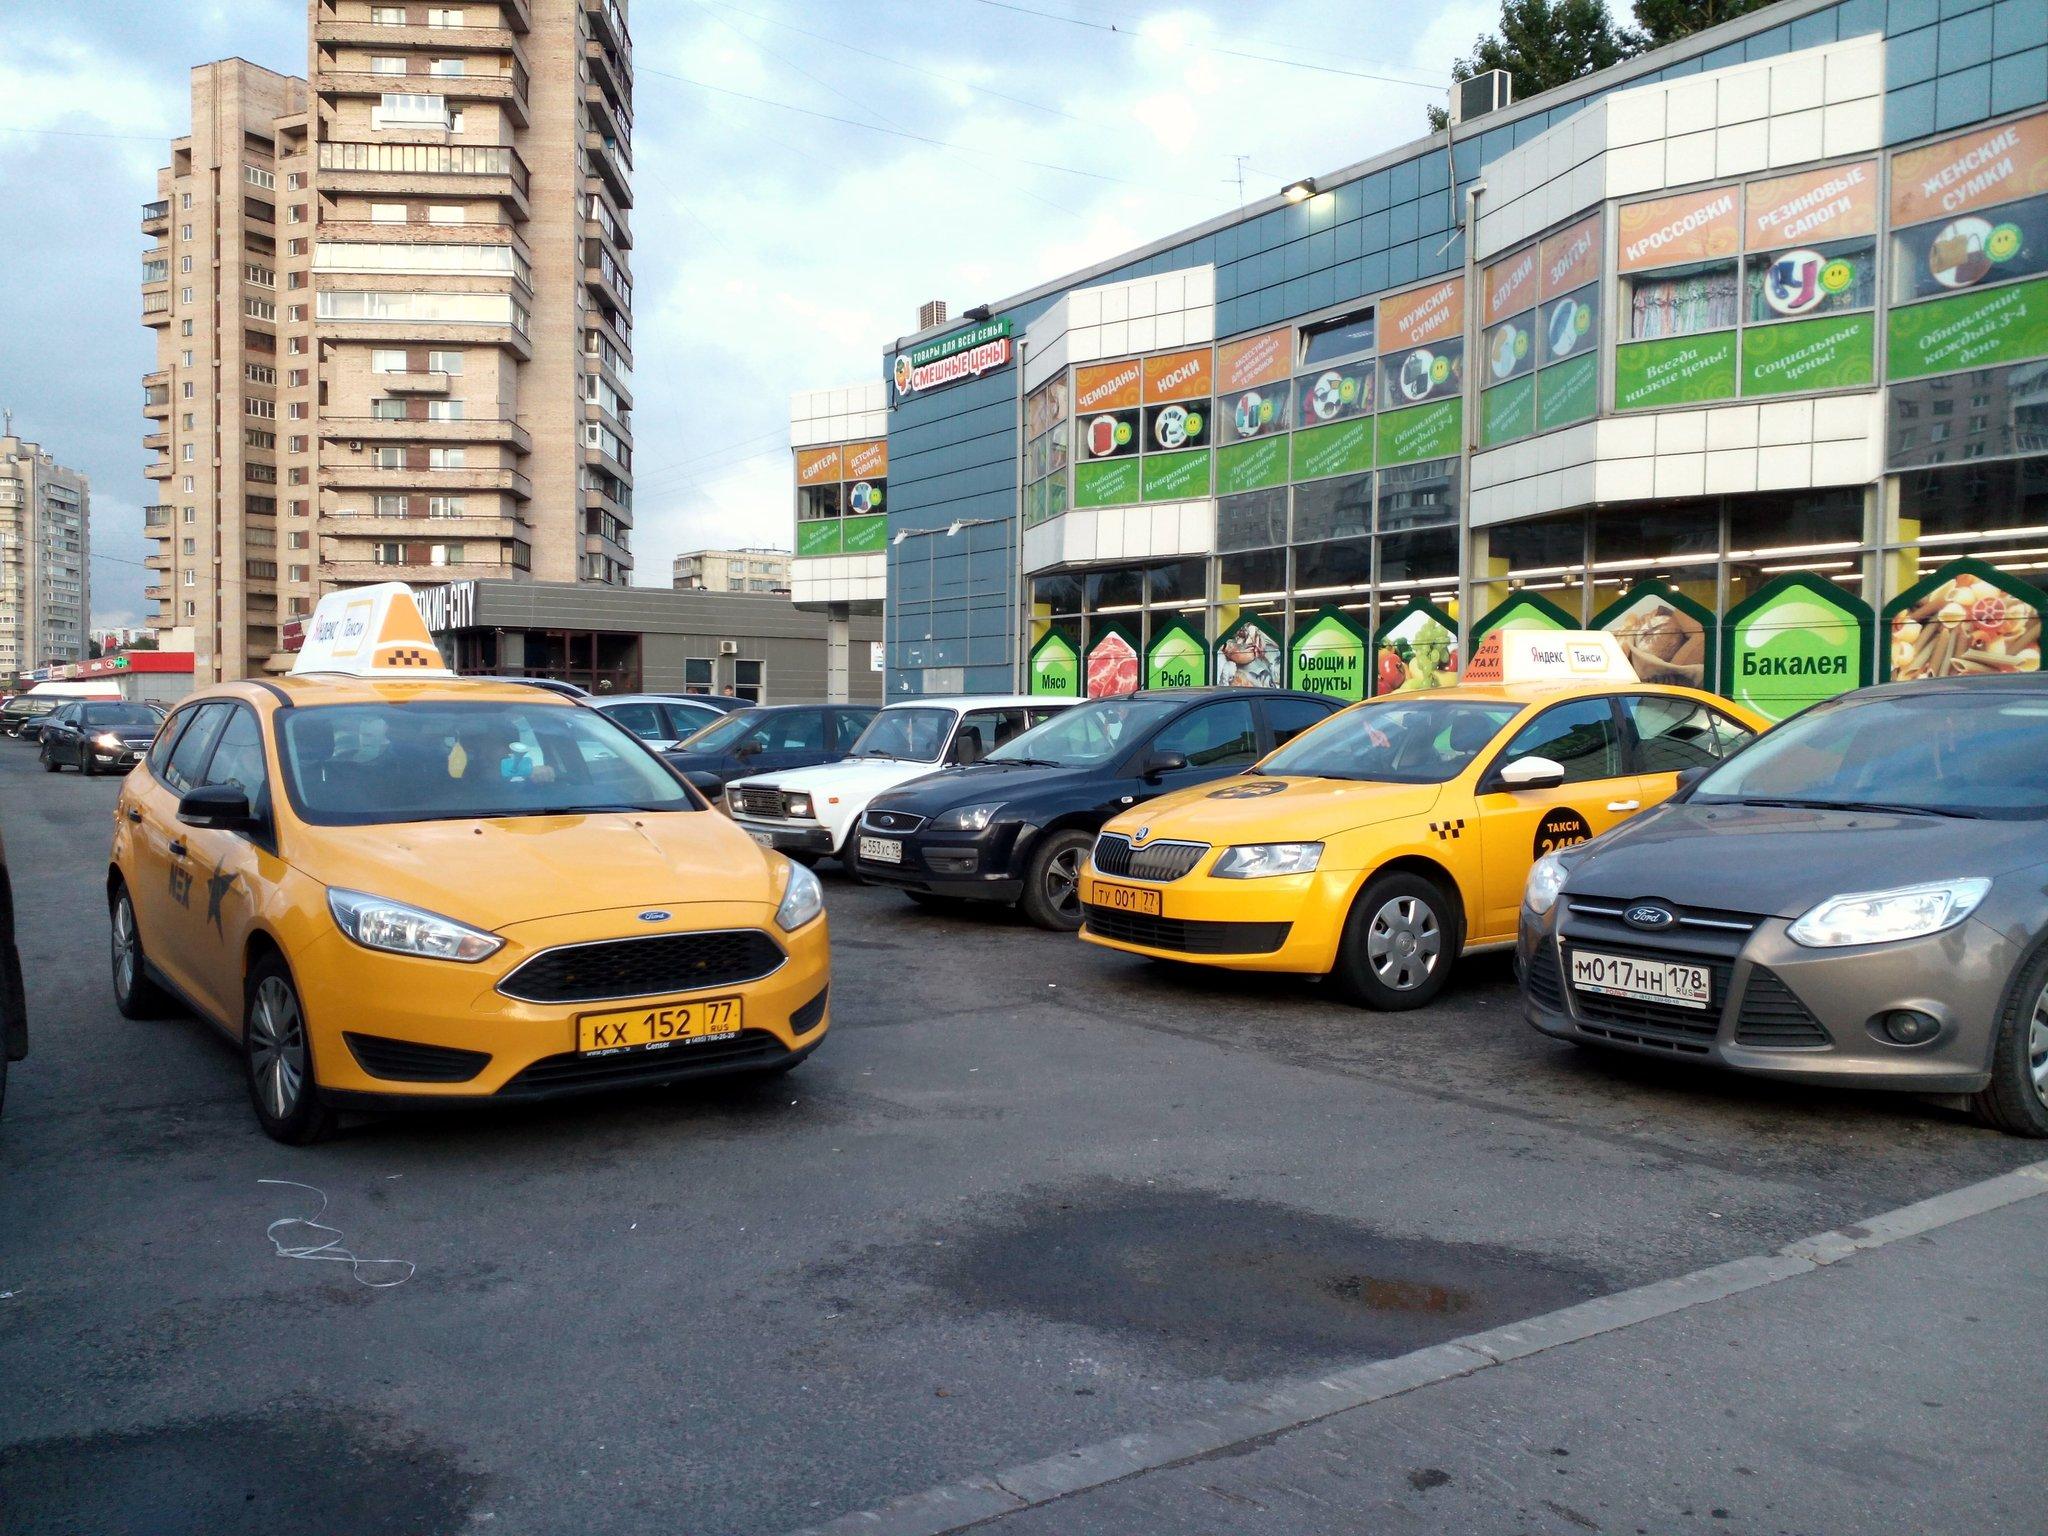 Яндекс.Такси[(cc)perriscope]